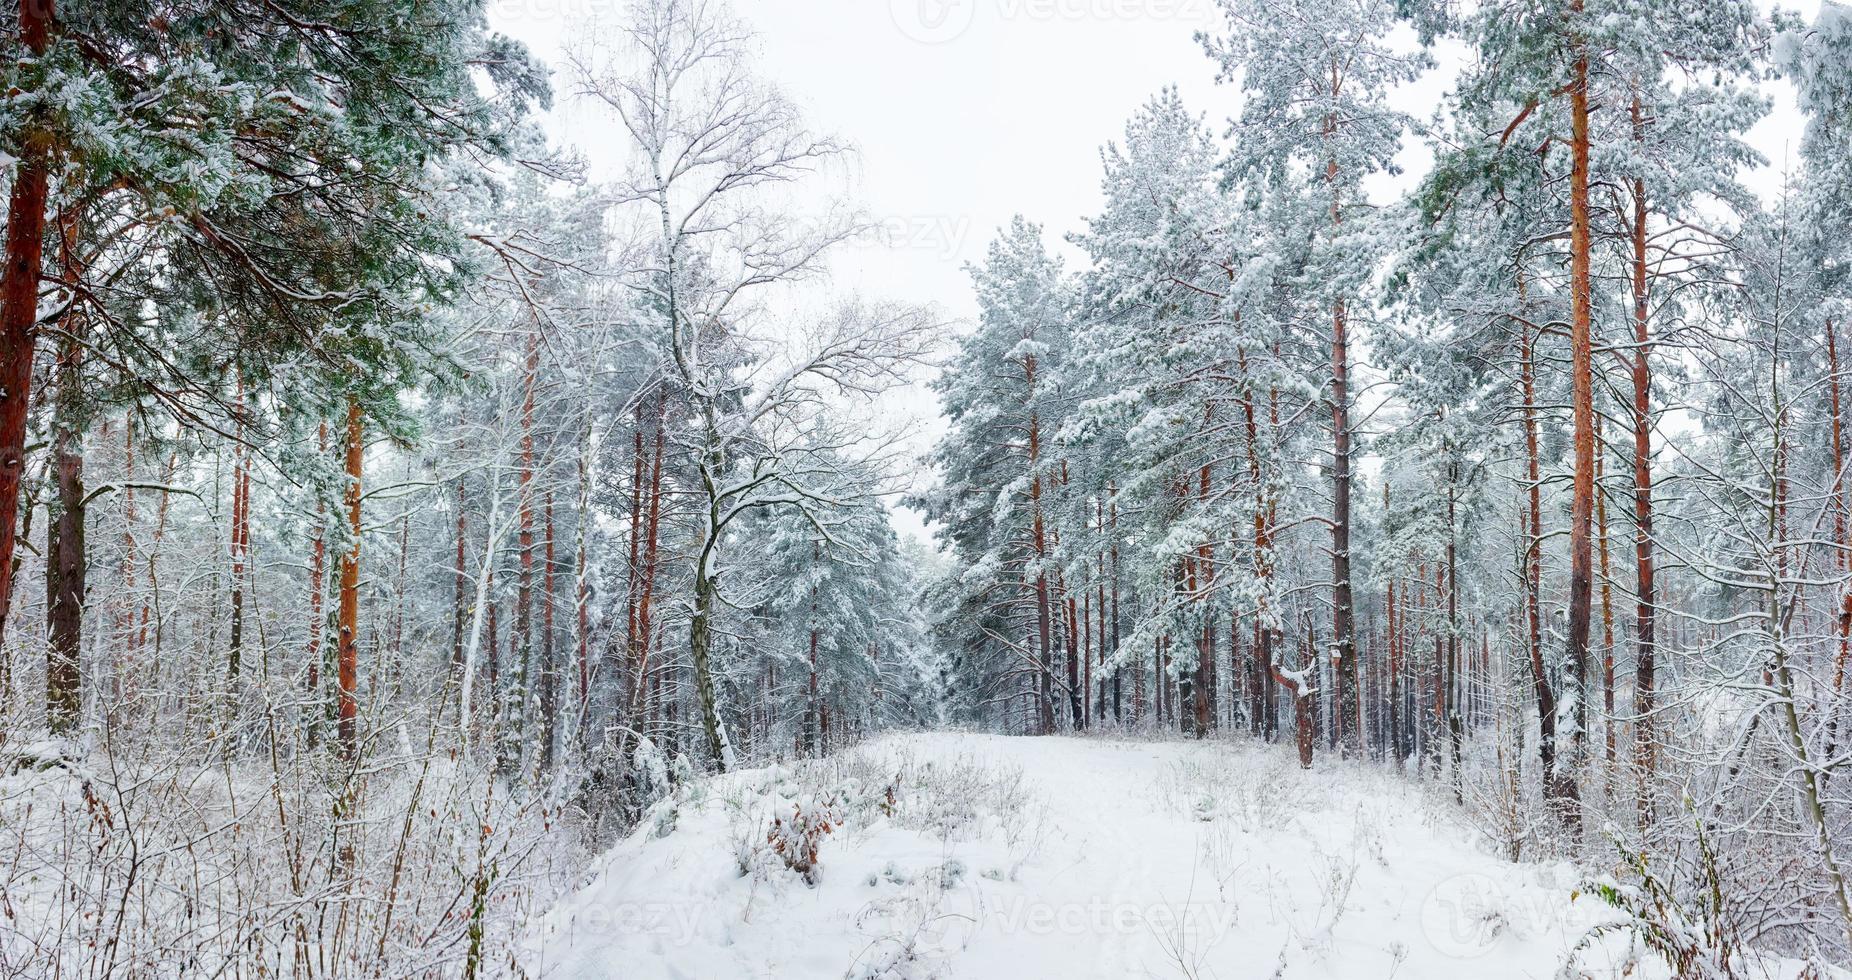 foresta invernale durante una nevicata foto